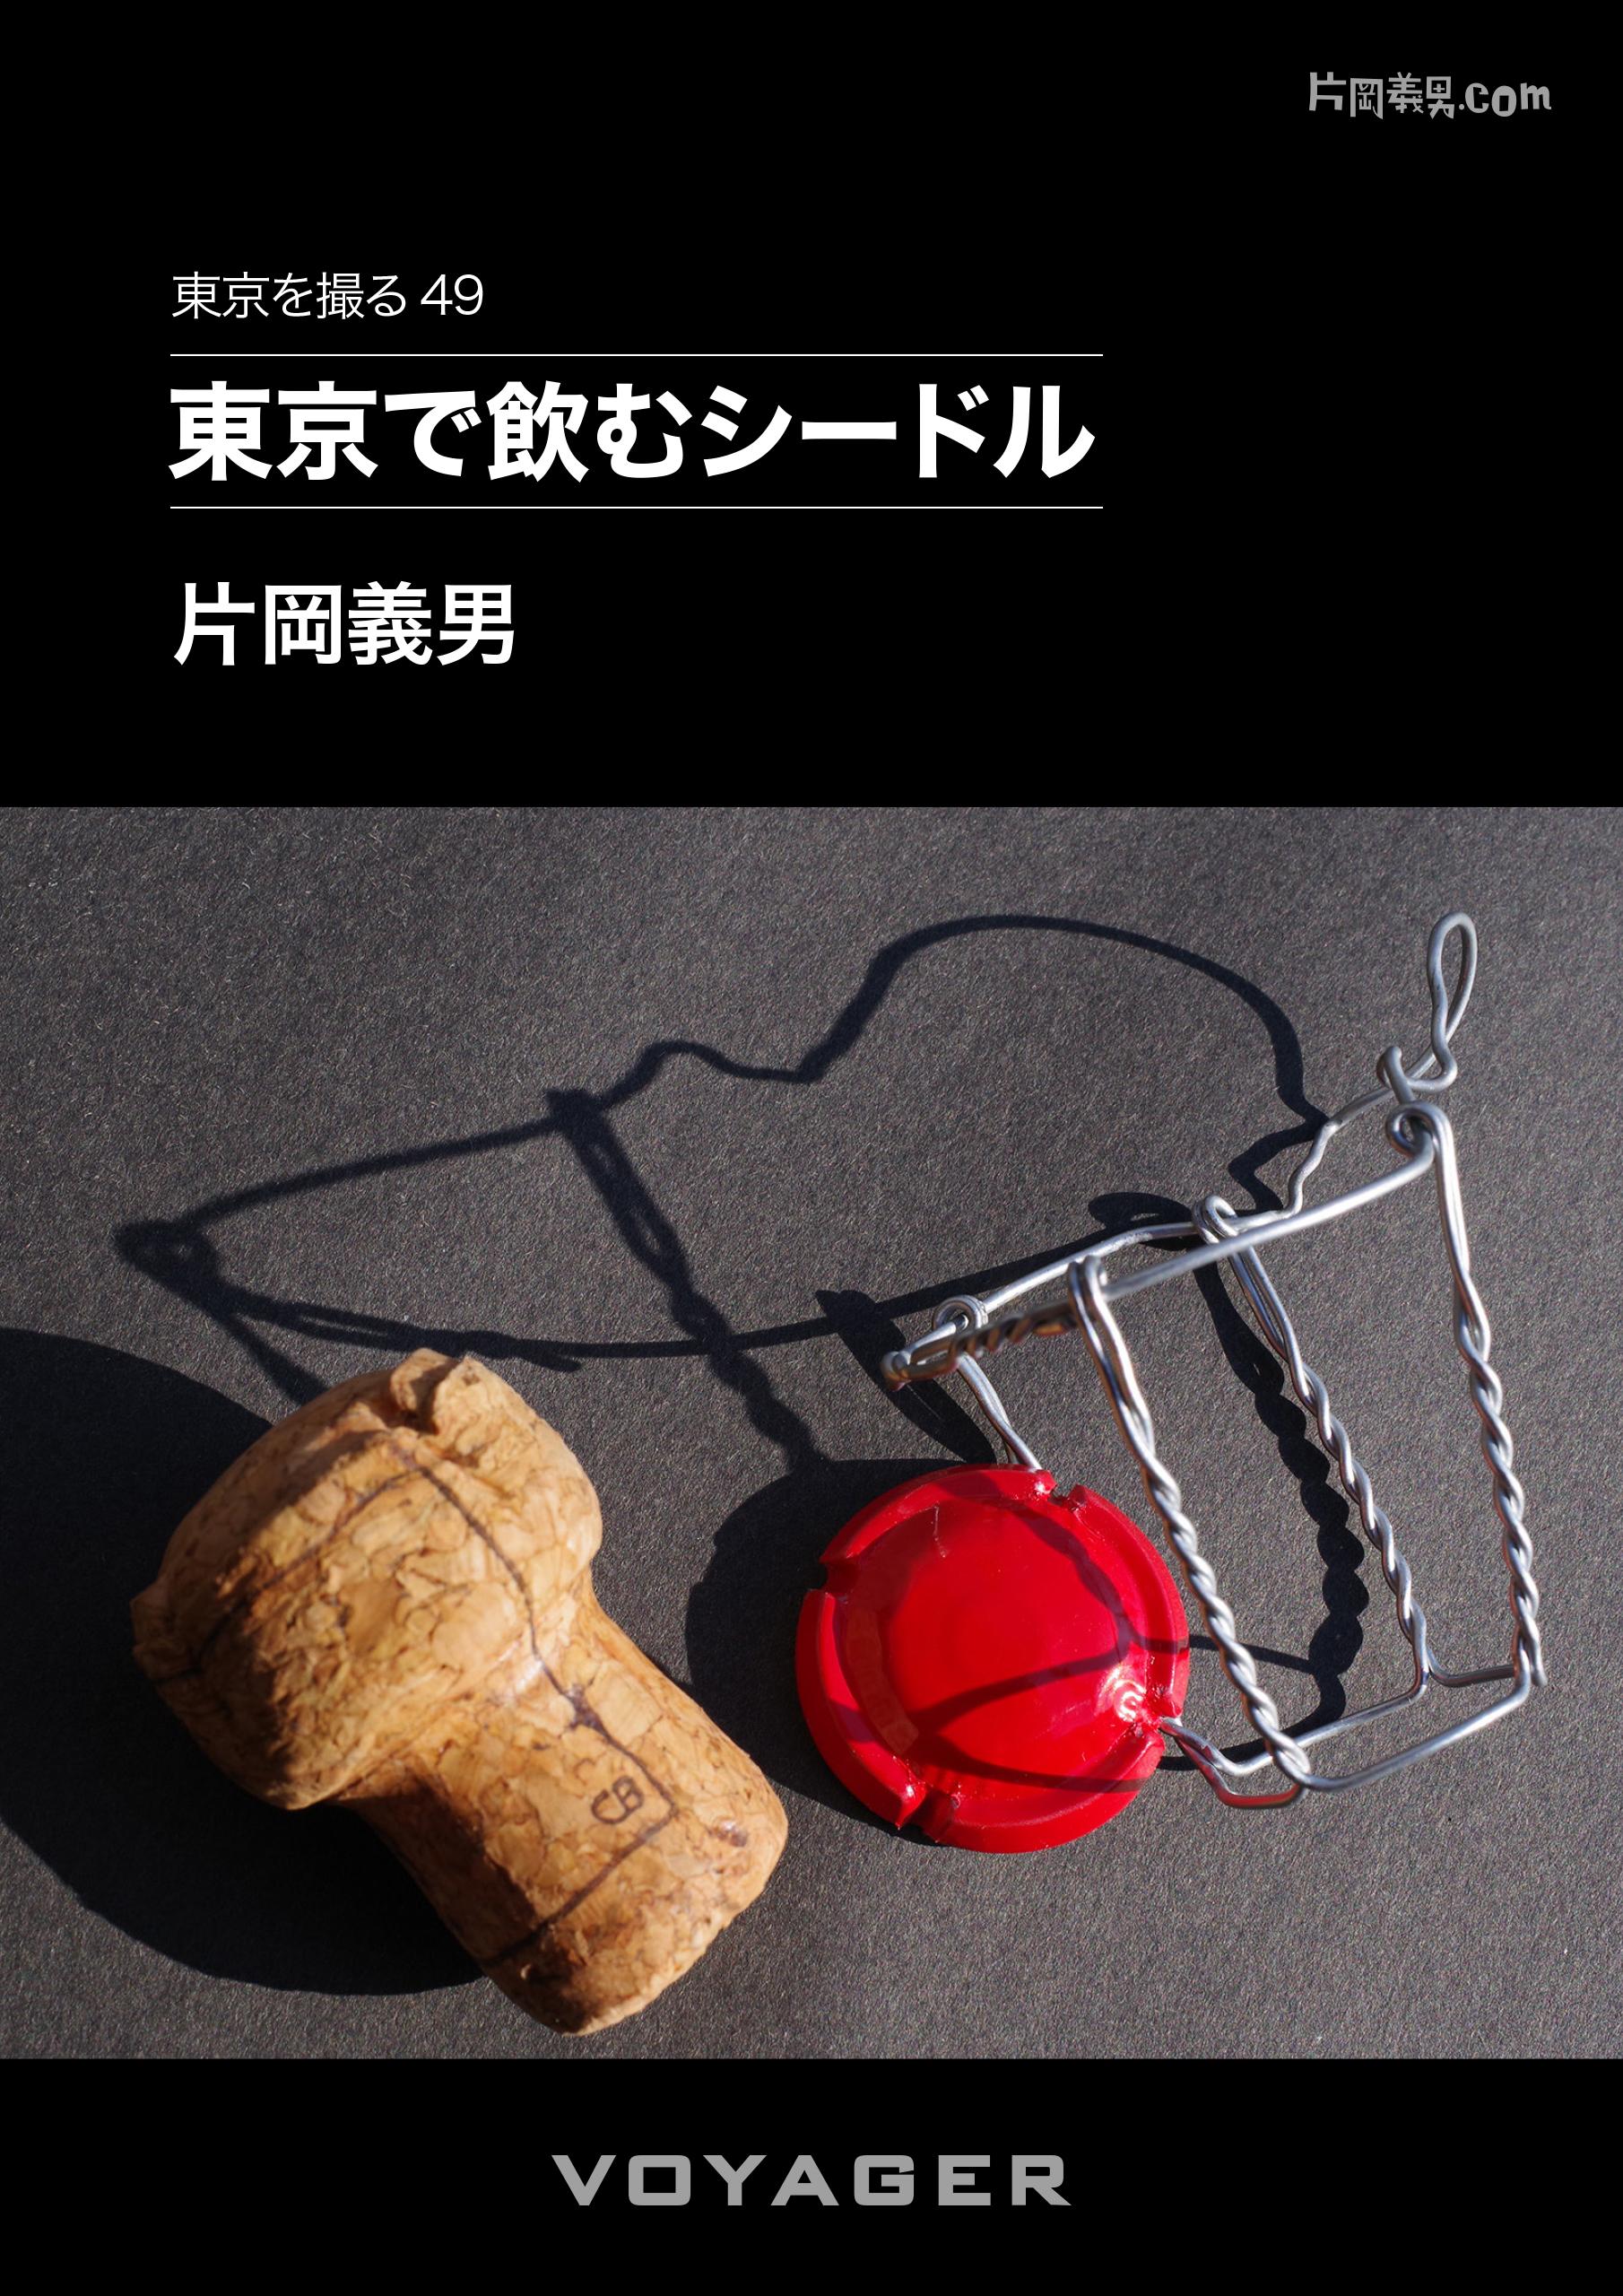 東京で飲むシードル